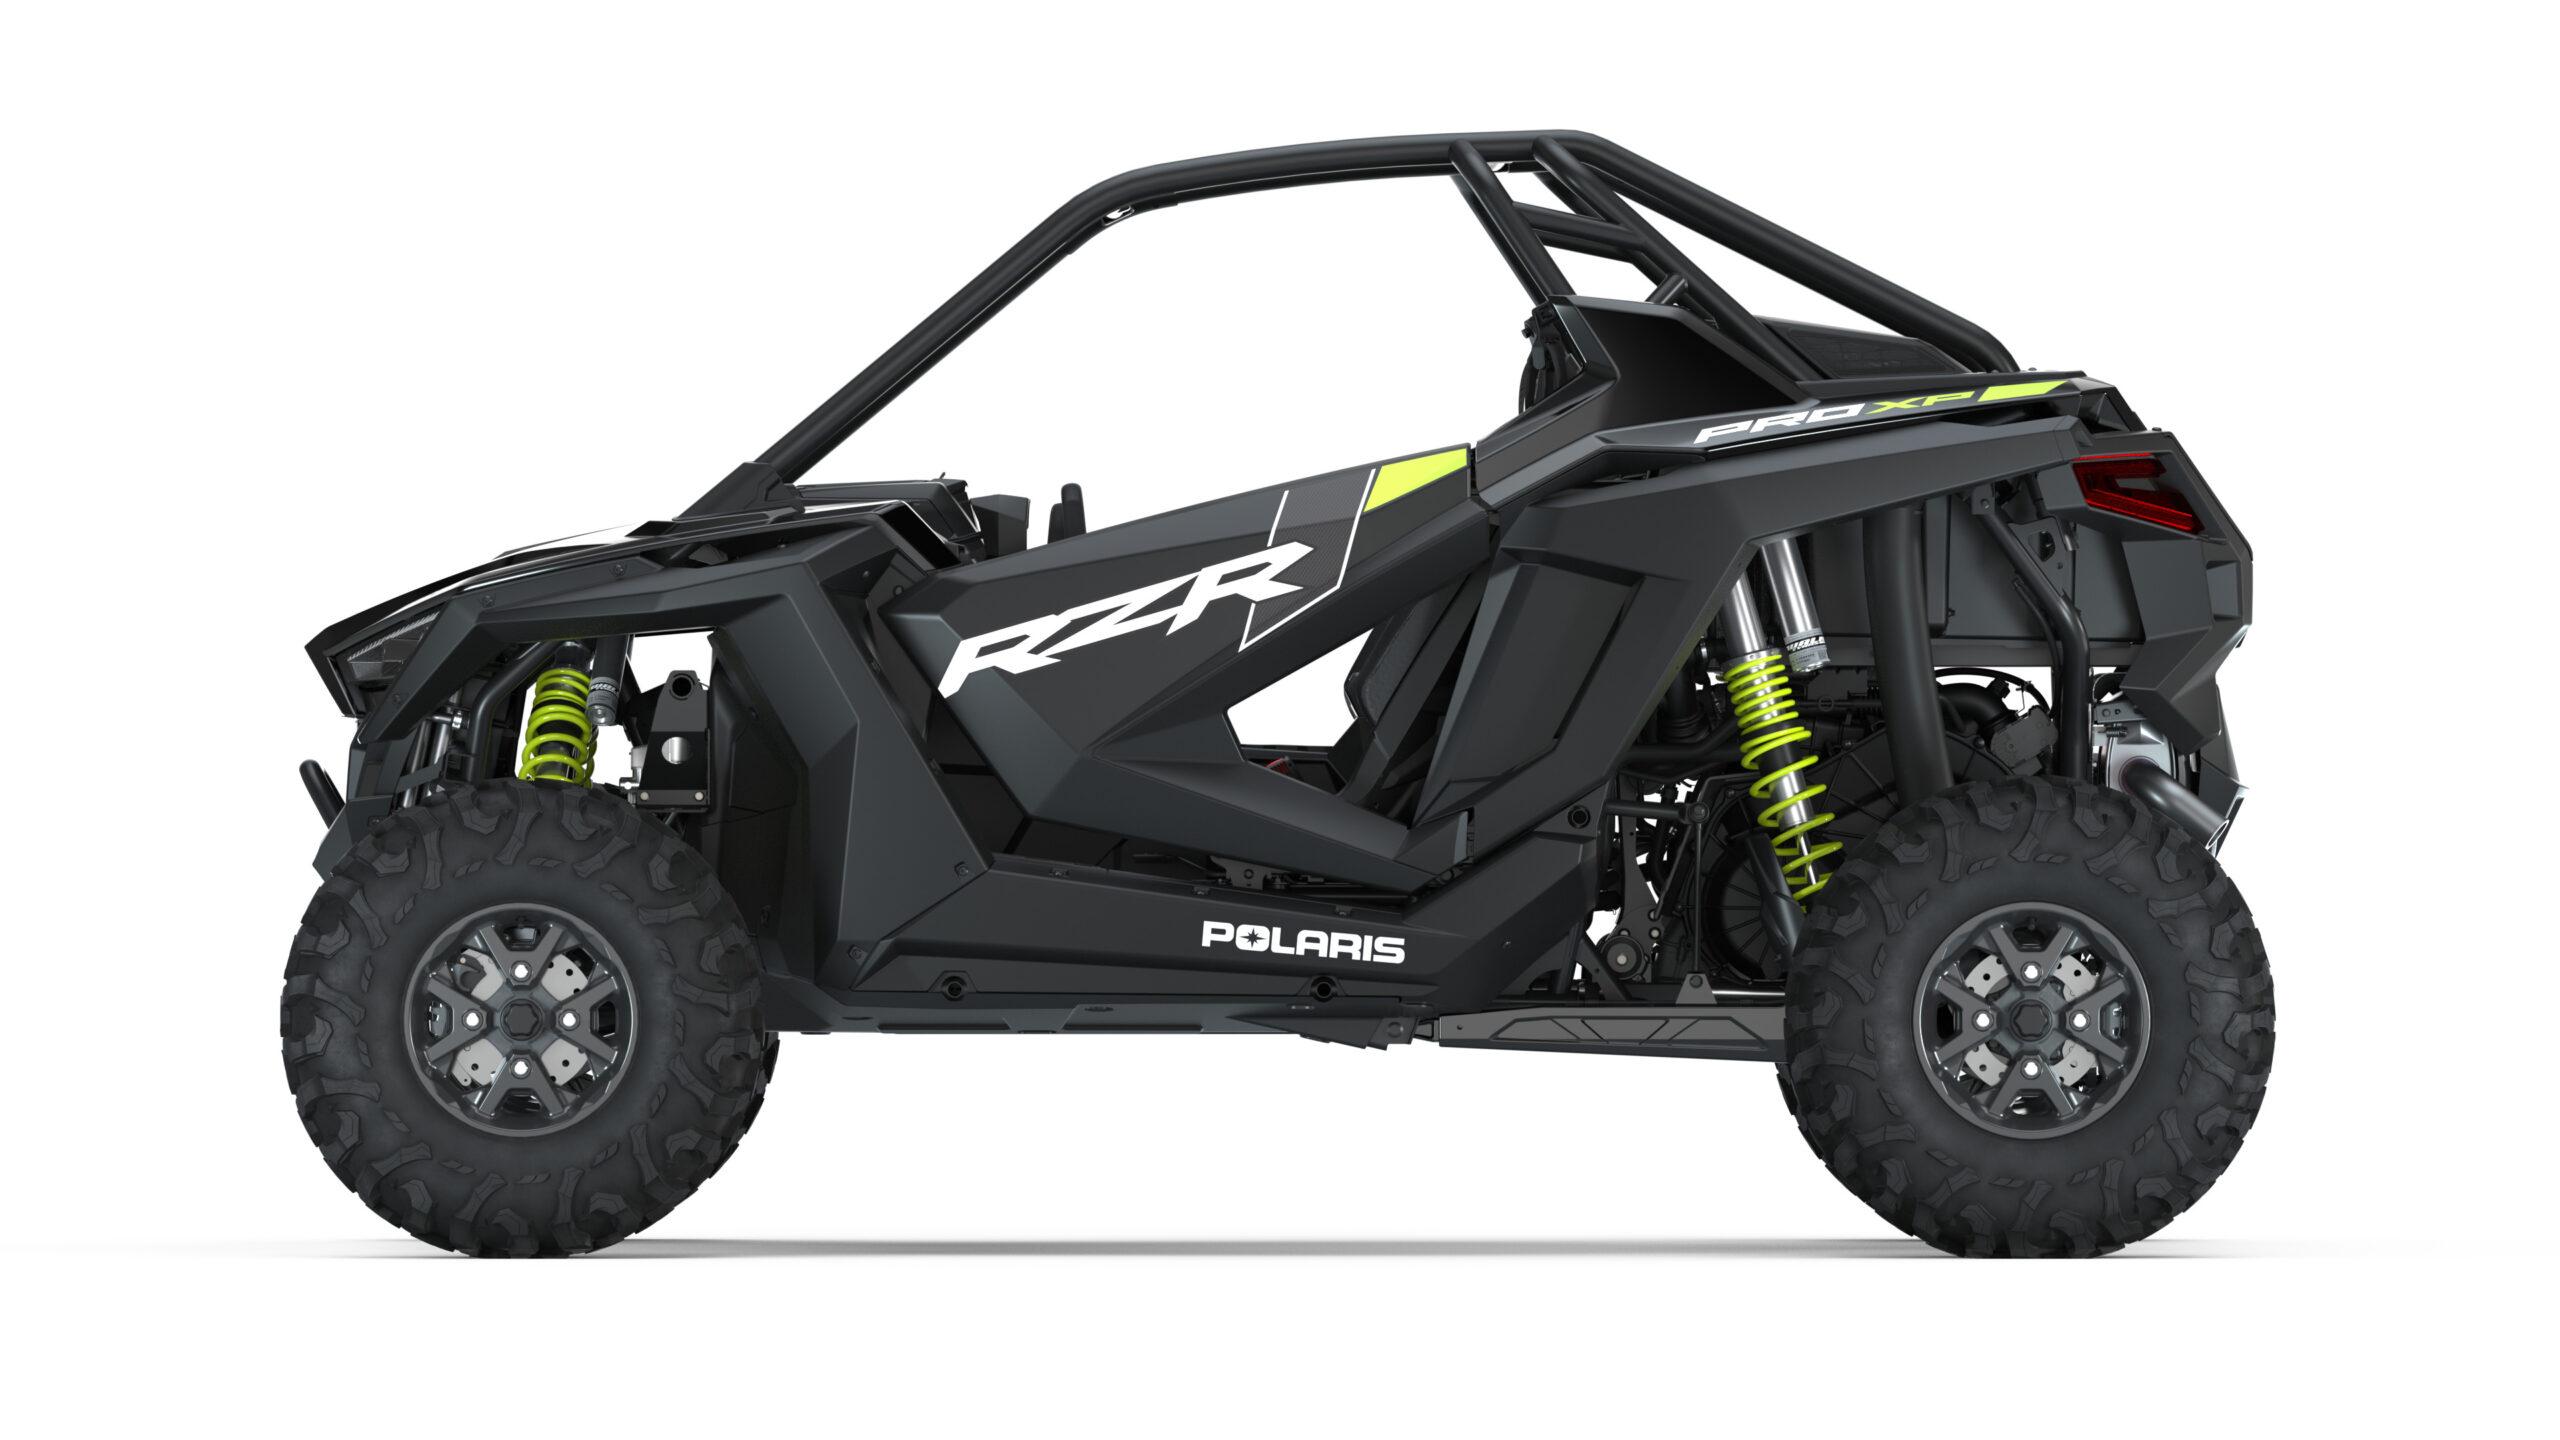 МОТОВЕЗДЕХОД POLARIS RZR PRO XP® Black Lime  Артмото - купить квадроцикл в украине и харькове, мотоцикл, снегоход, скутер, мопед, электромобиль